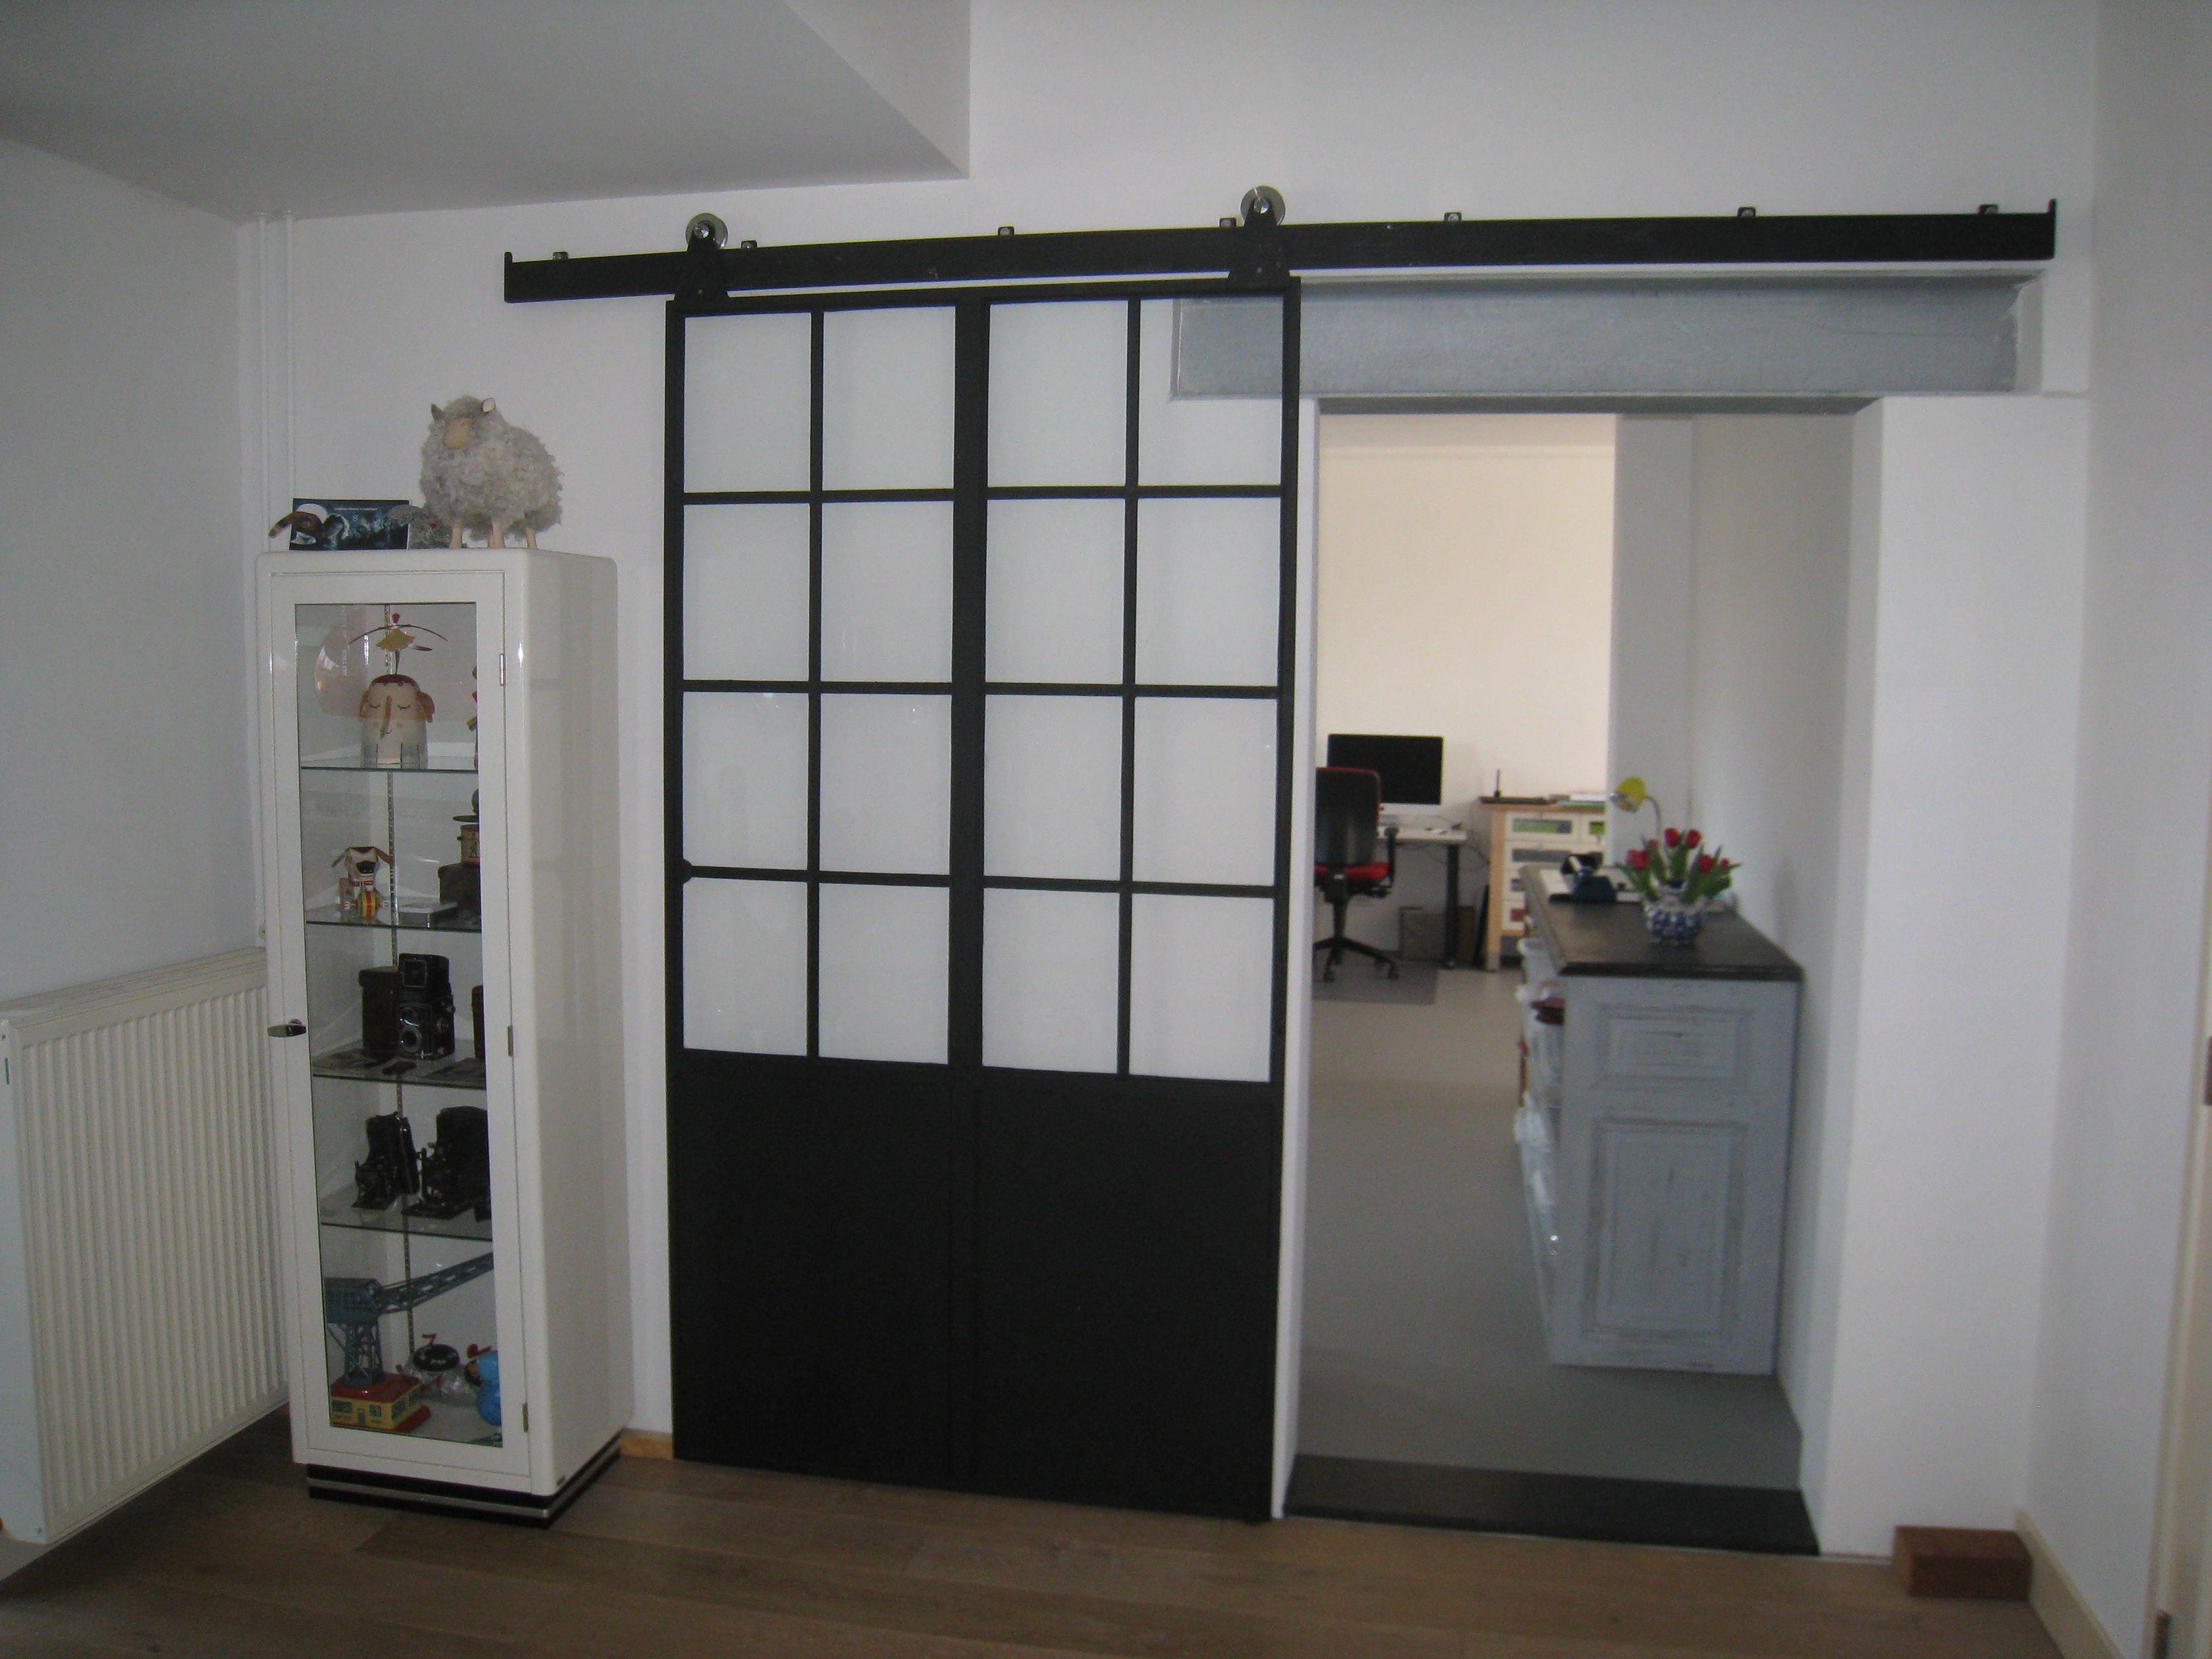 Casa design idee libro - Onderwerp deco design keuken ...